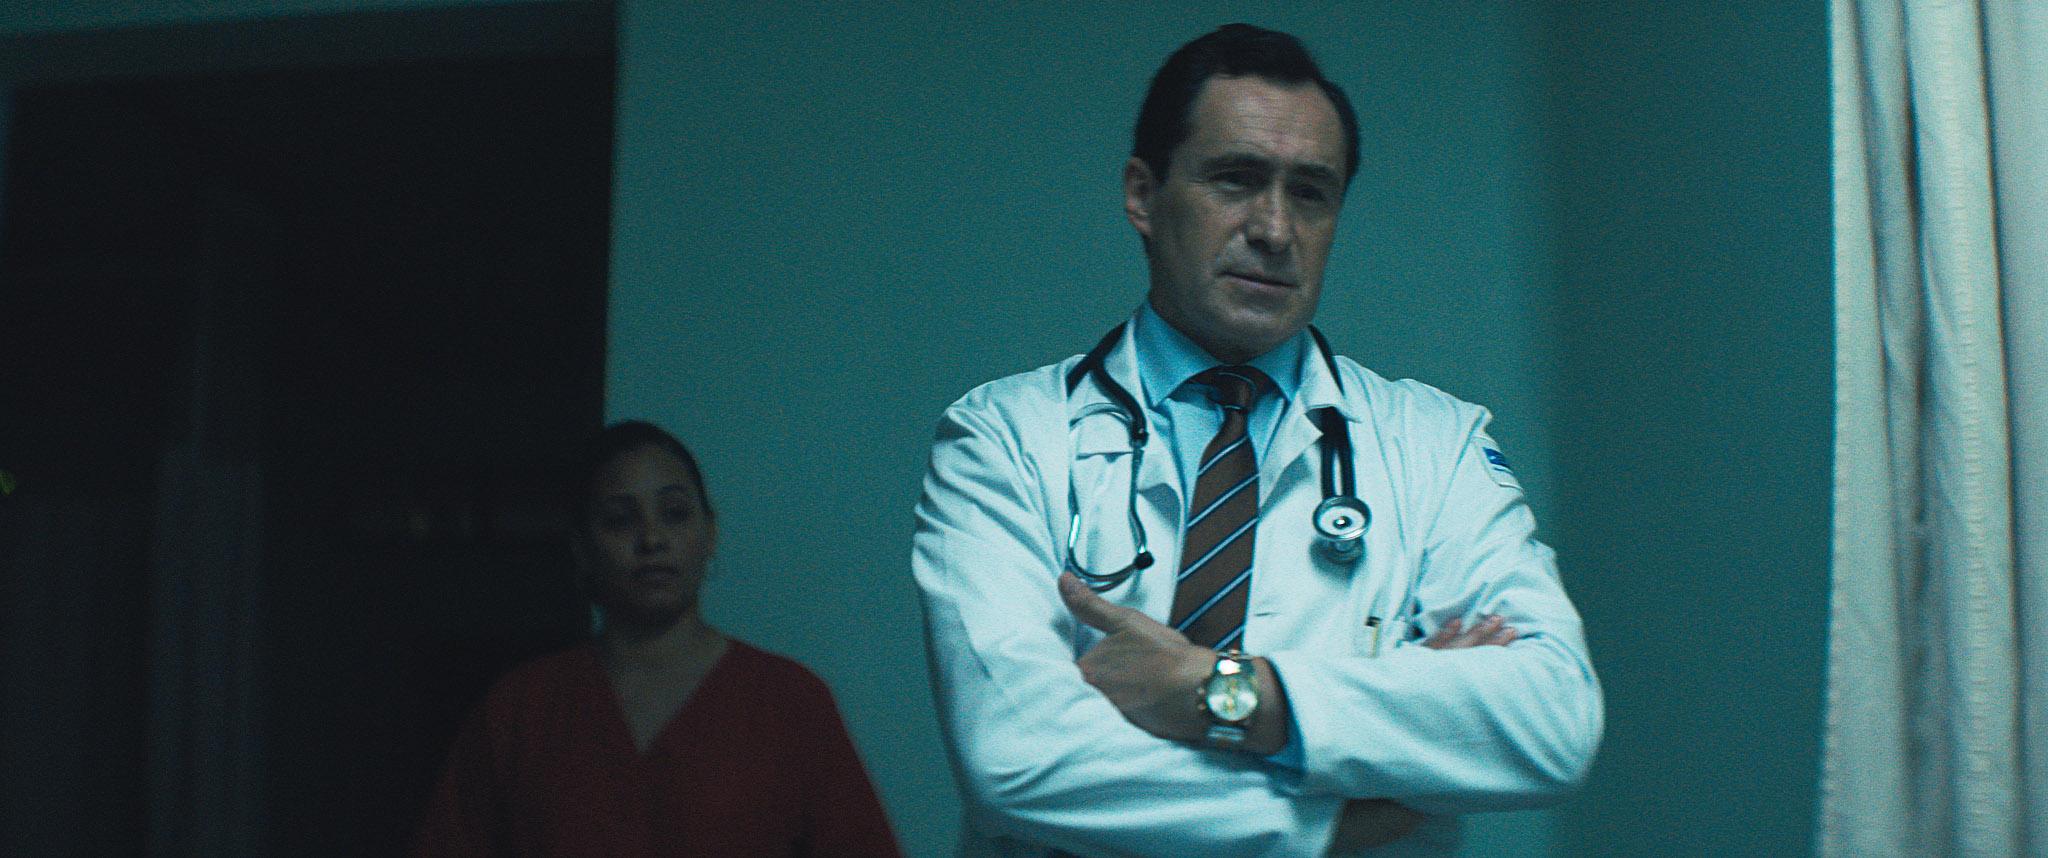 アメリカでドナー啓発をする映画『Corazón』